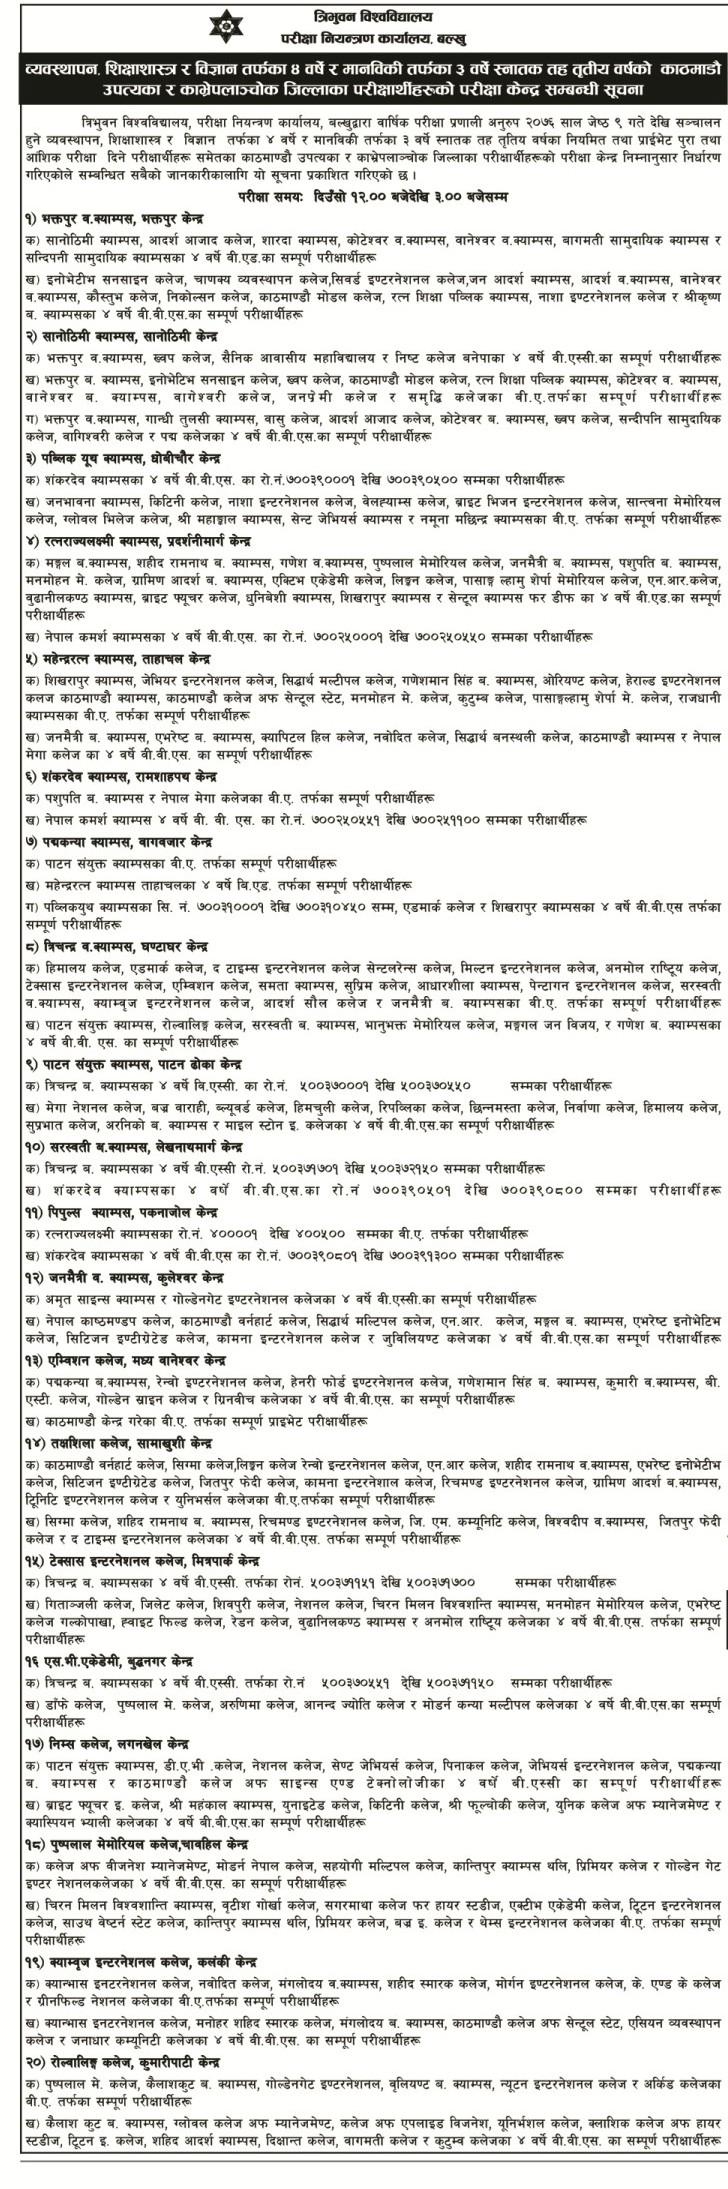 Tribhuvan University Third Year Exam Center 2076, Third Year Exam Center 2076, TU Third Year Exam Center 2076, BA Third Year Exam Center 2076, BBS Third Year Exam Center 2076, B.Ed Third Year Exam Center 2076, B.Sc Third Year Exam Center 2076, TU BA Third Year Exam Center 2076, TU BBS Third Year Exam Center 2076, TU B.Ed Third Year Exam Center 2076, TU B.Sc Third Year Exam Center 2076, Tribhuvan University TU Third Year Exam Center 2076, Tribhuvan University BA Third Year Exam Center 2076, Tribhuvan University BBS Third Year Exam Center 2076, Tribhuvan University B.Ed Third Year Exam Center 2076, Tribhuvan University B.Sc Third Year Exam Center 2076,